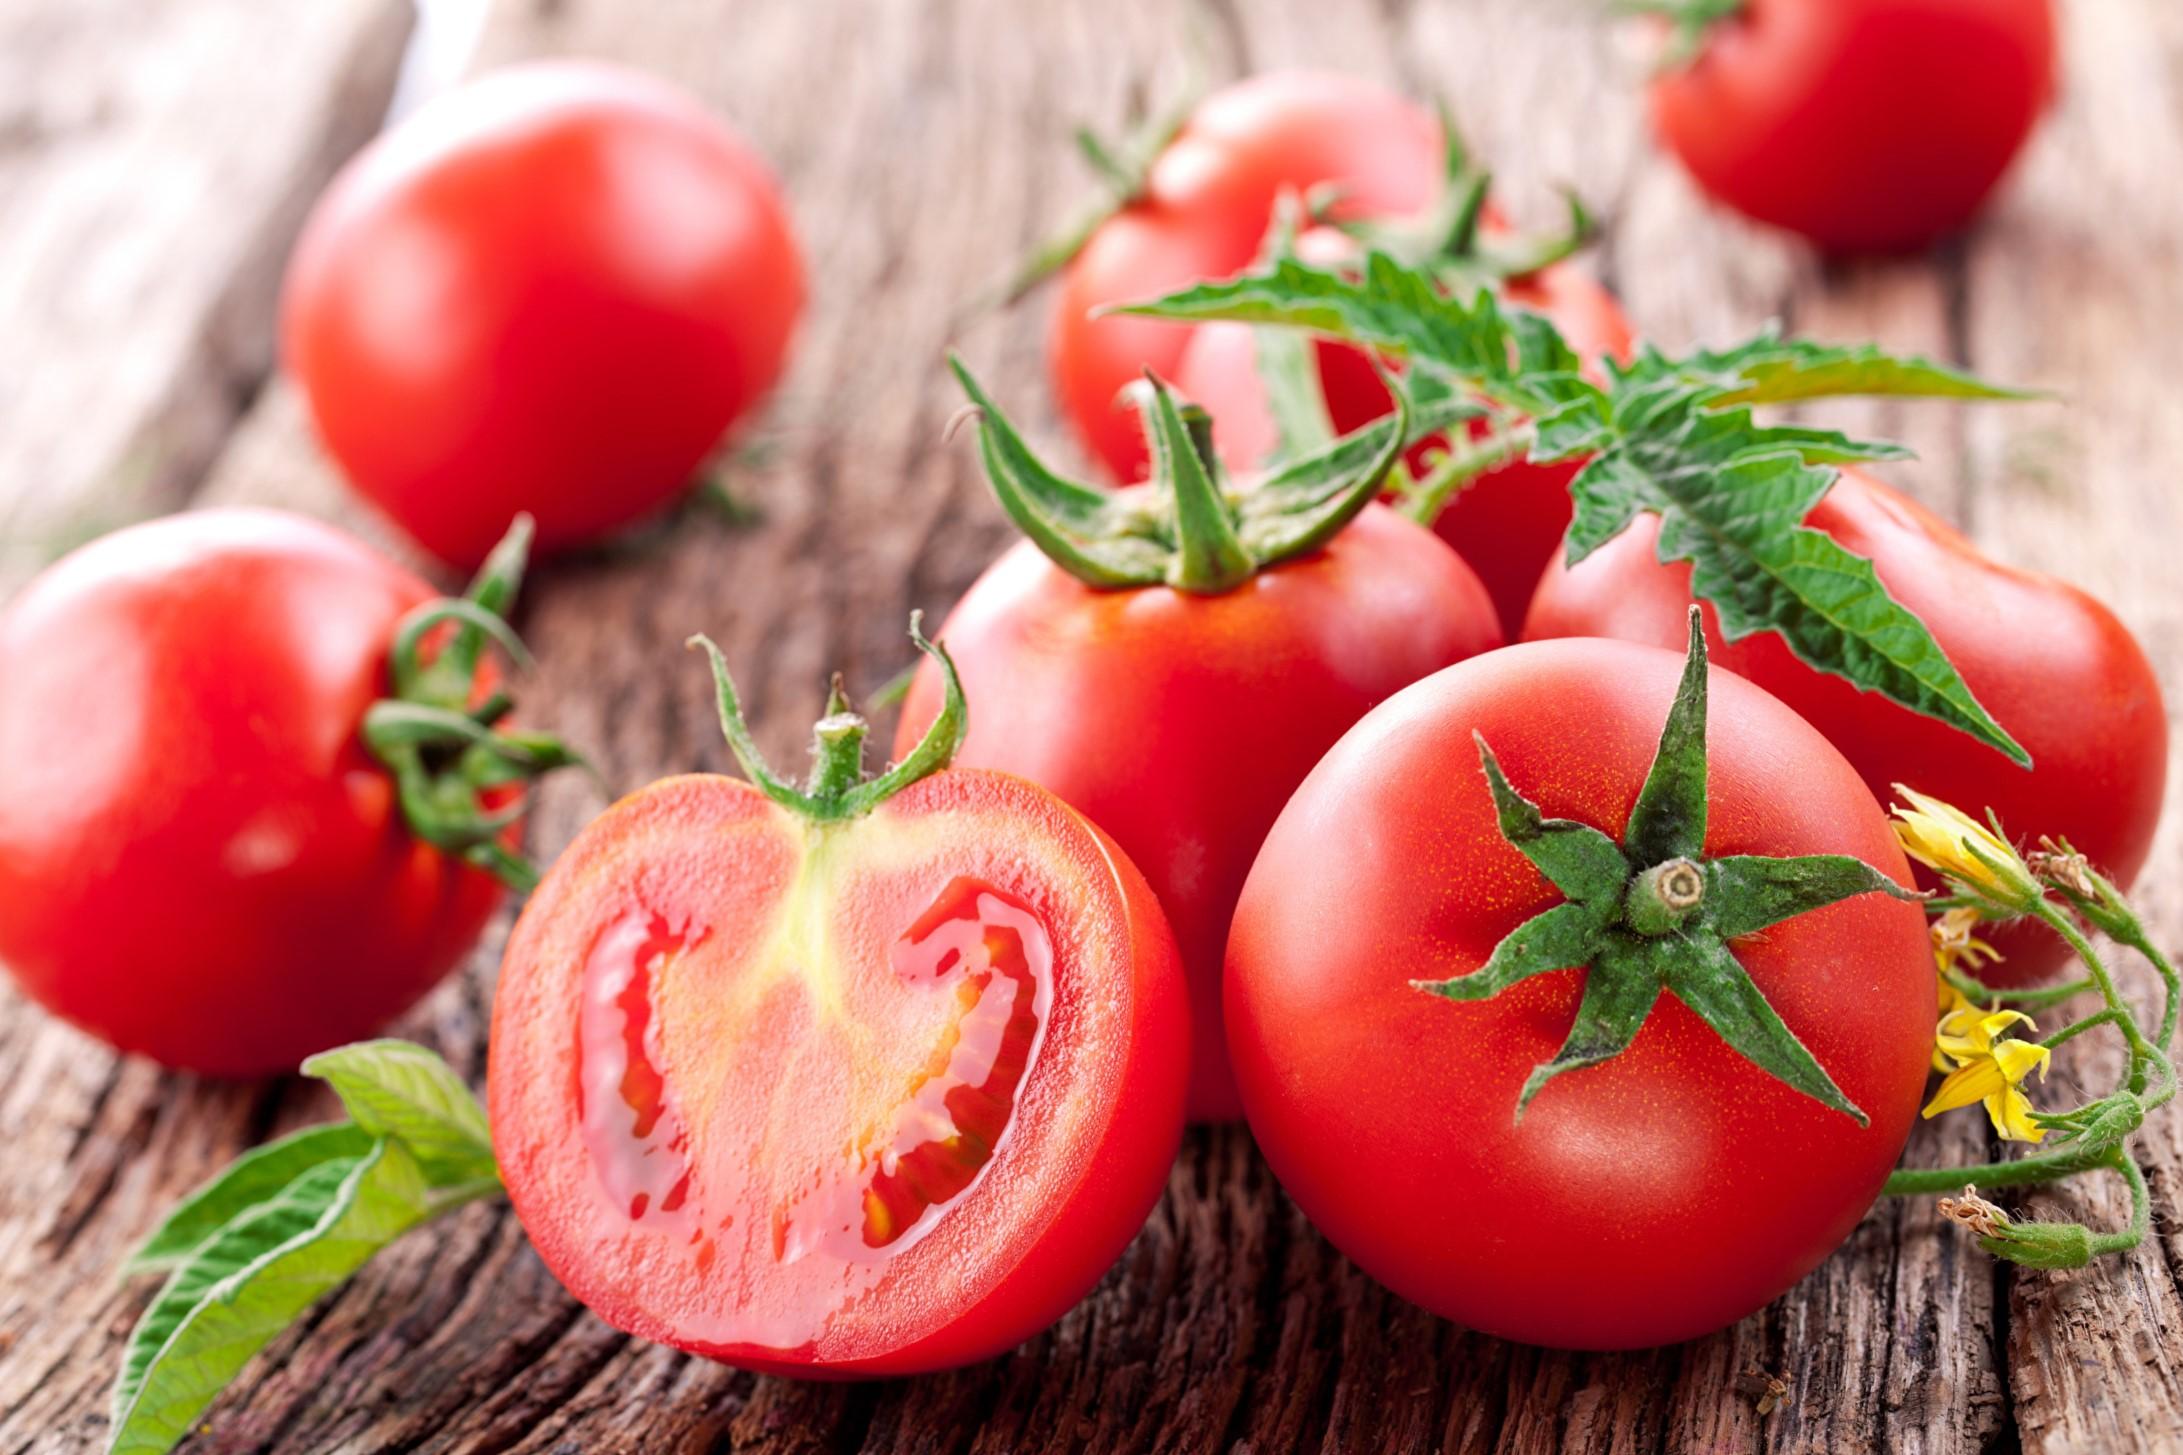 Помидоры При Похудение. Диета на помидорах